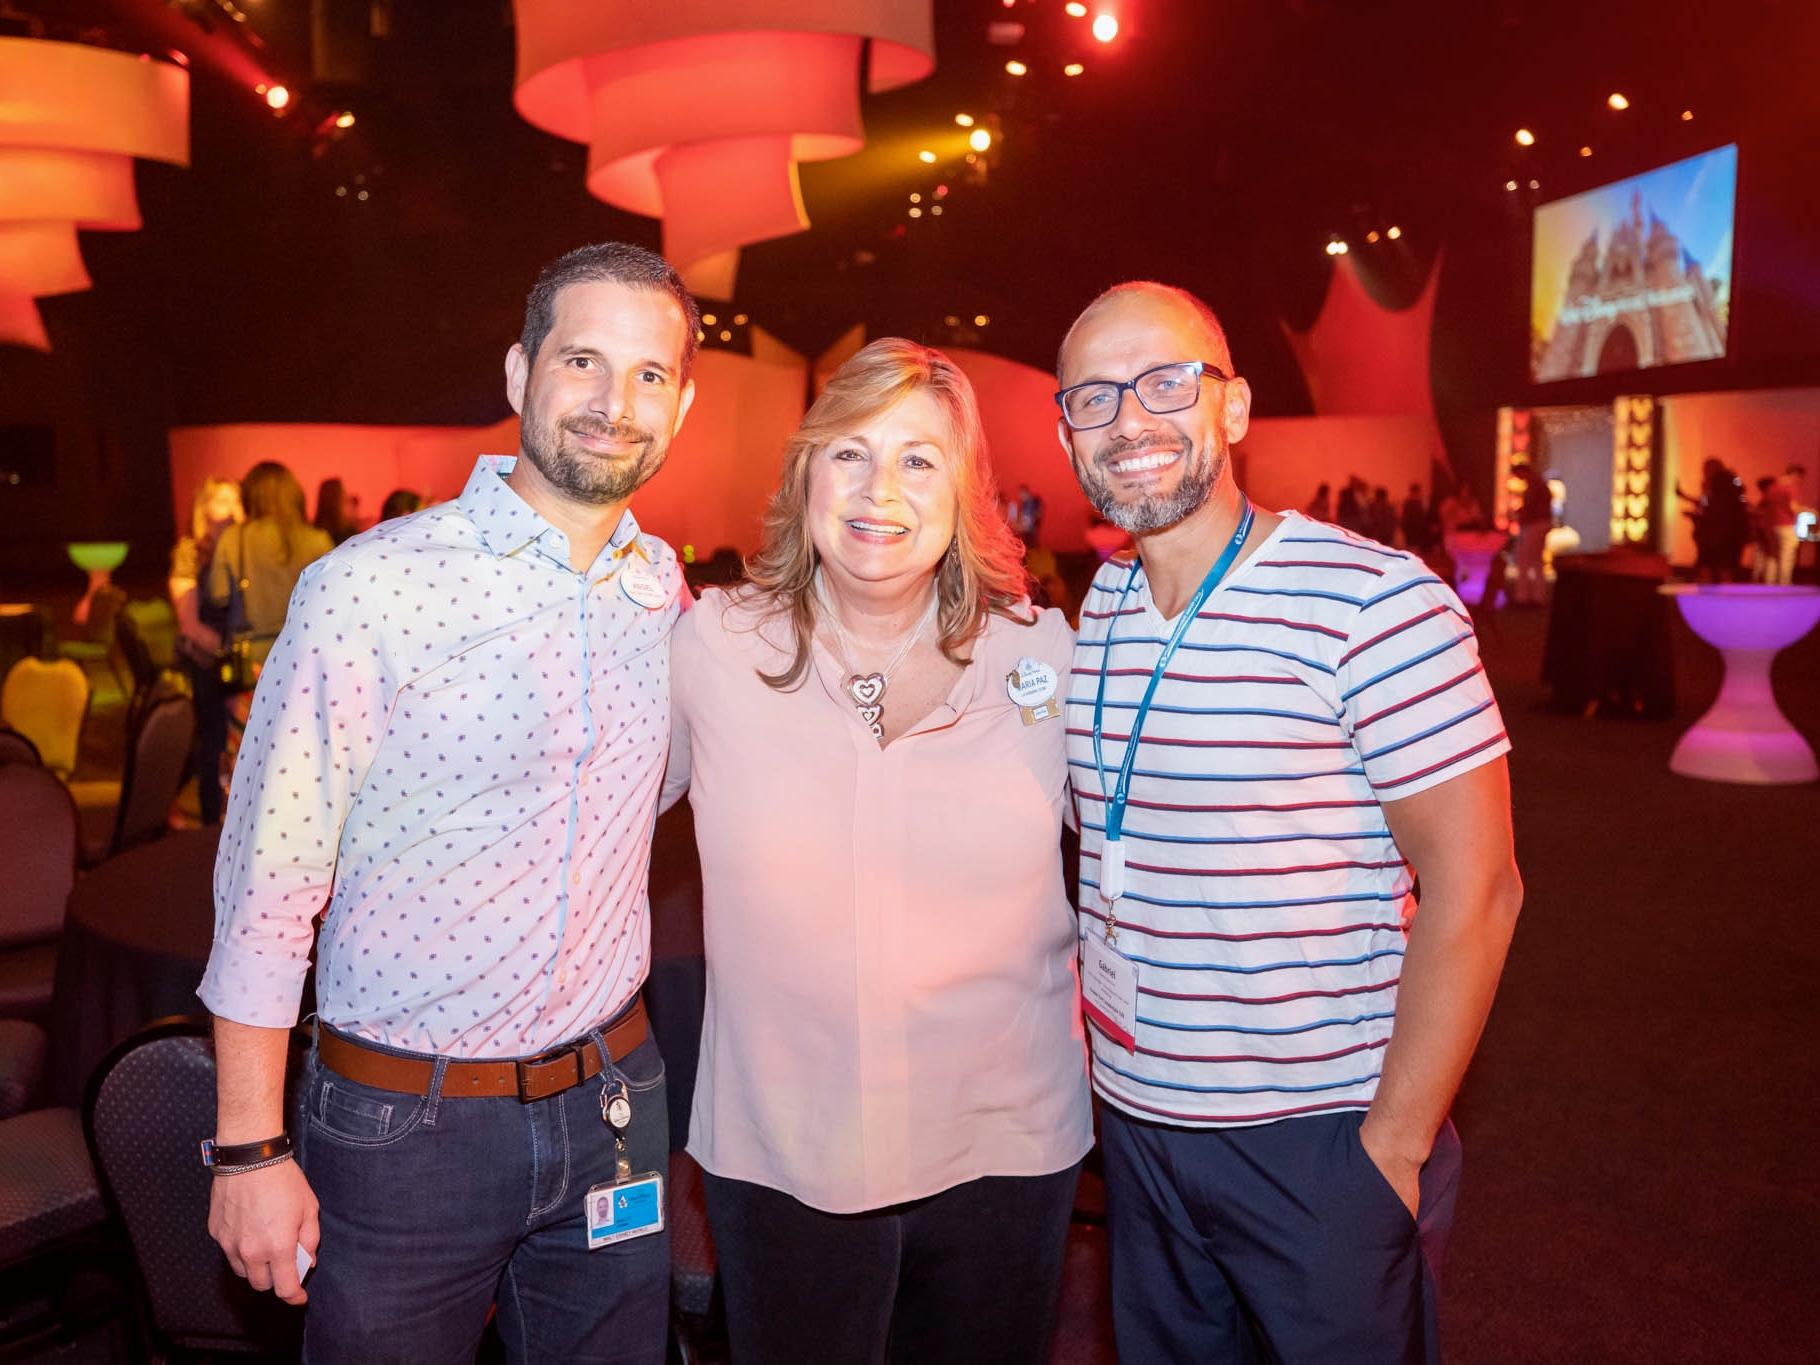 La Cita Americas 2019, bussiness and fun